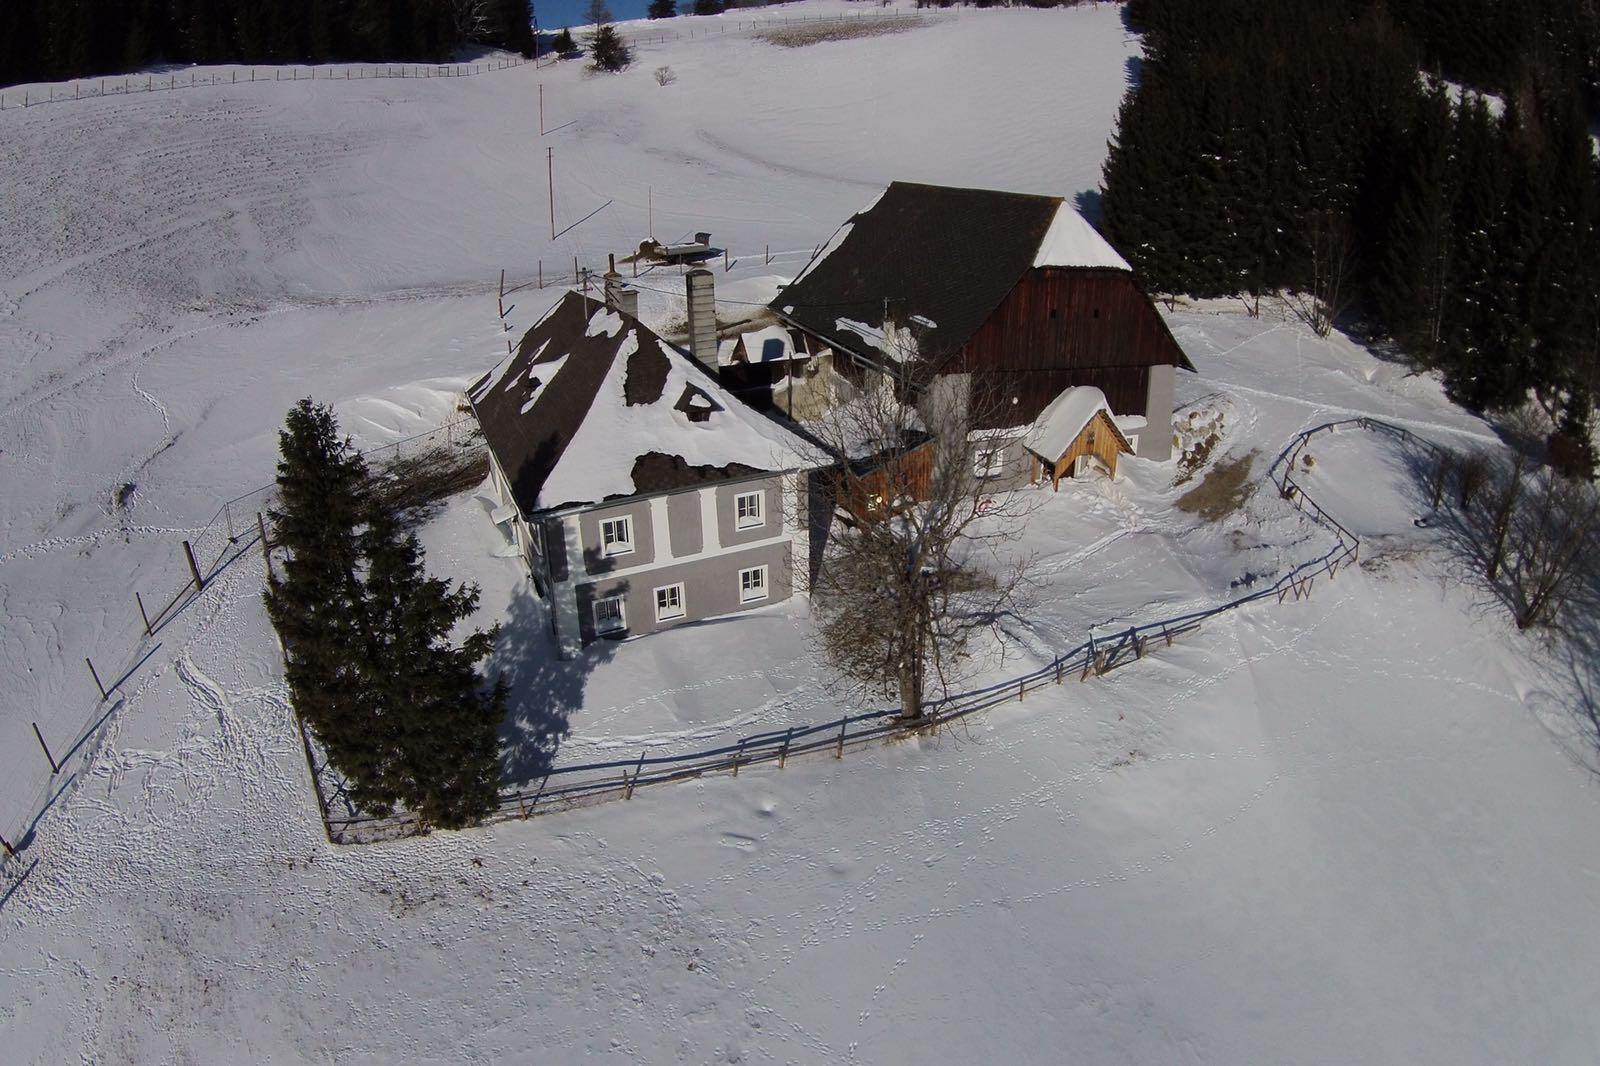 Sicht auf das Ferienhaus von oben